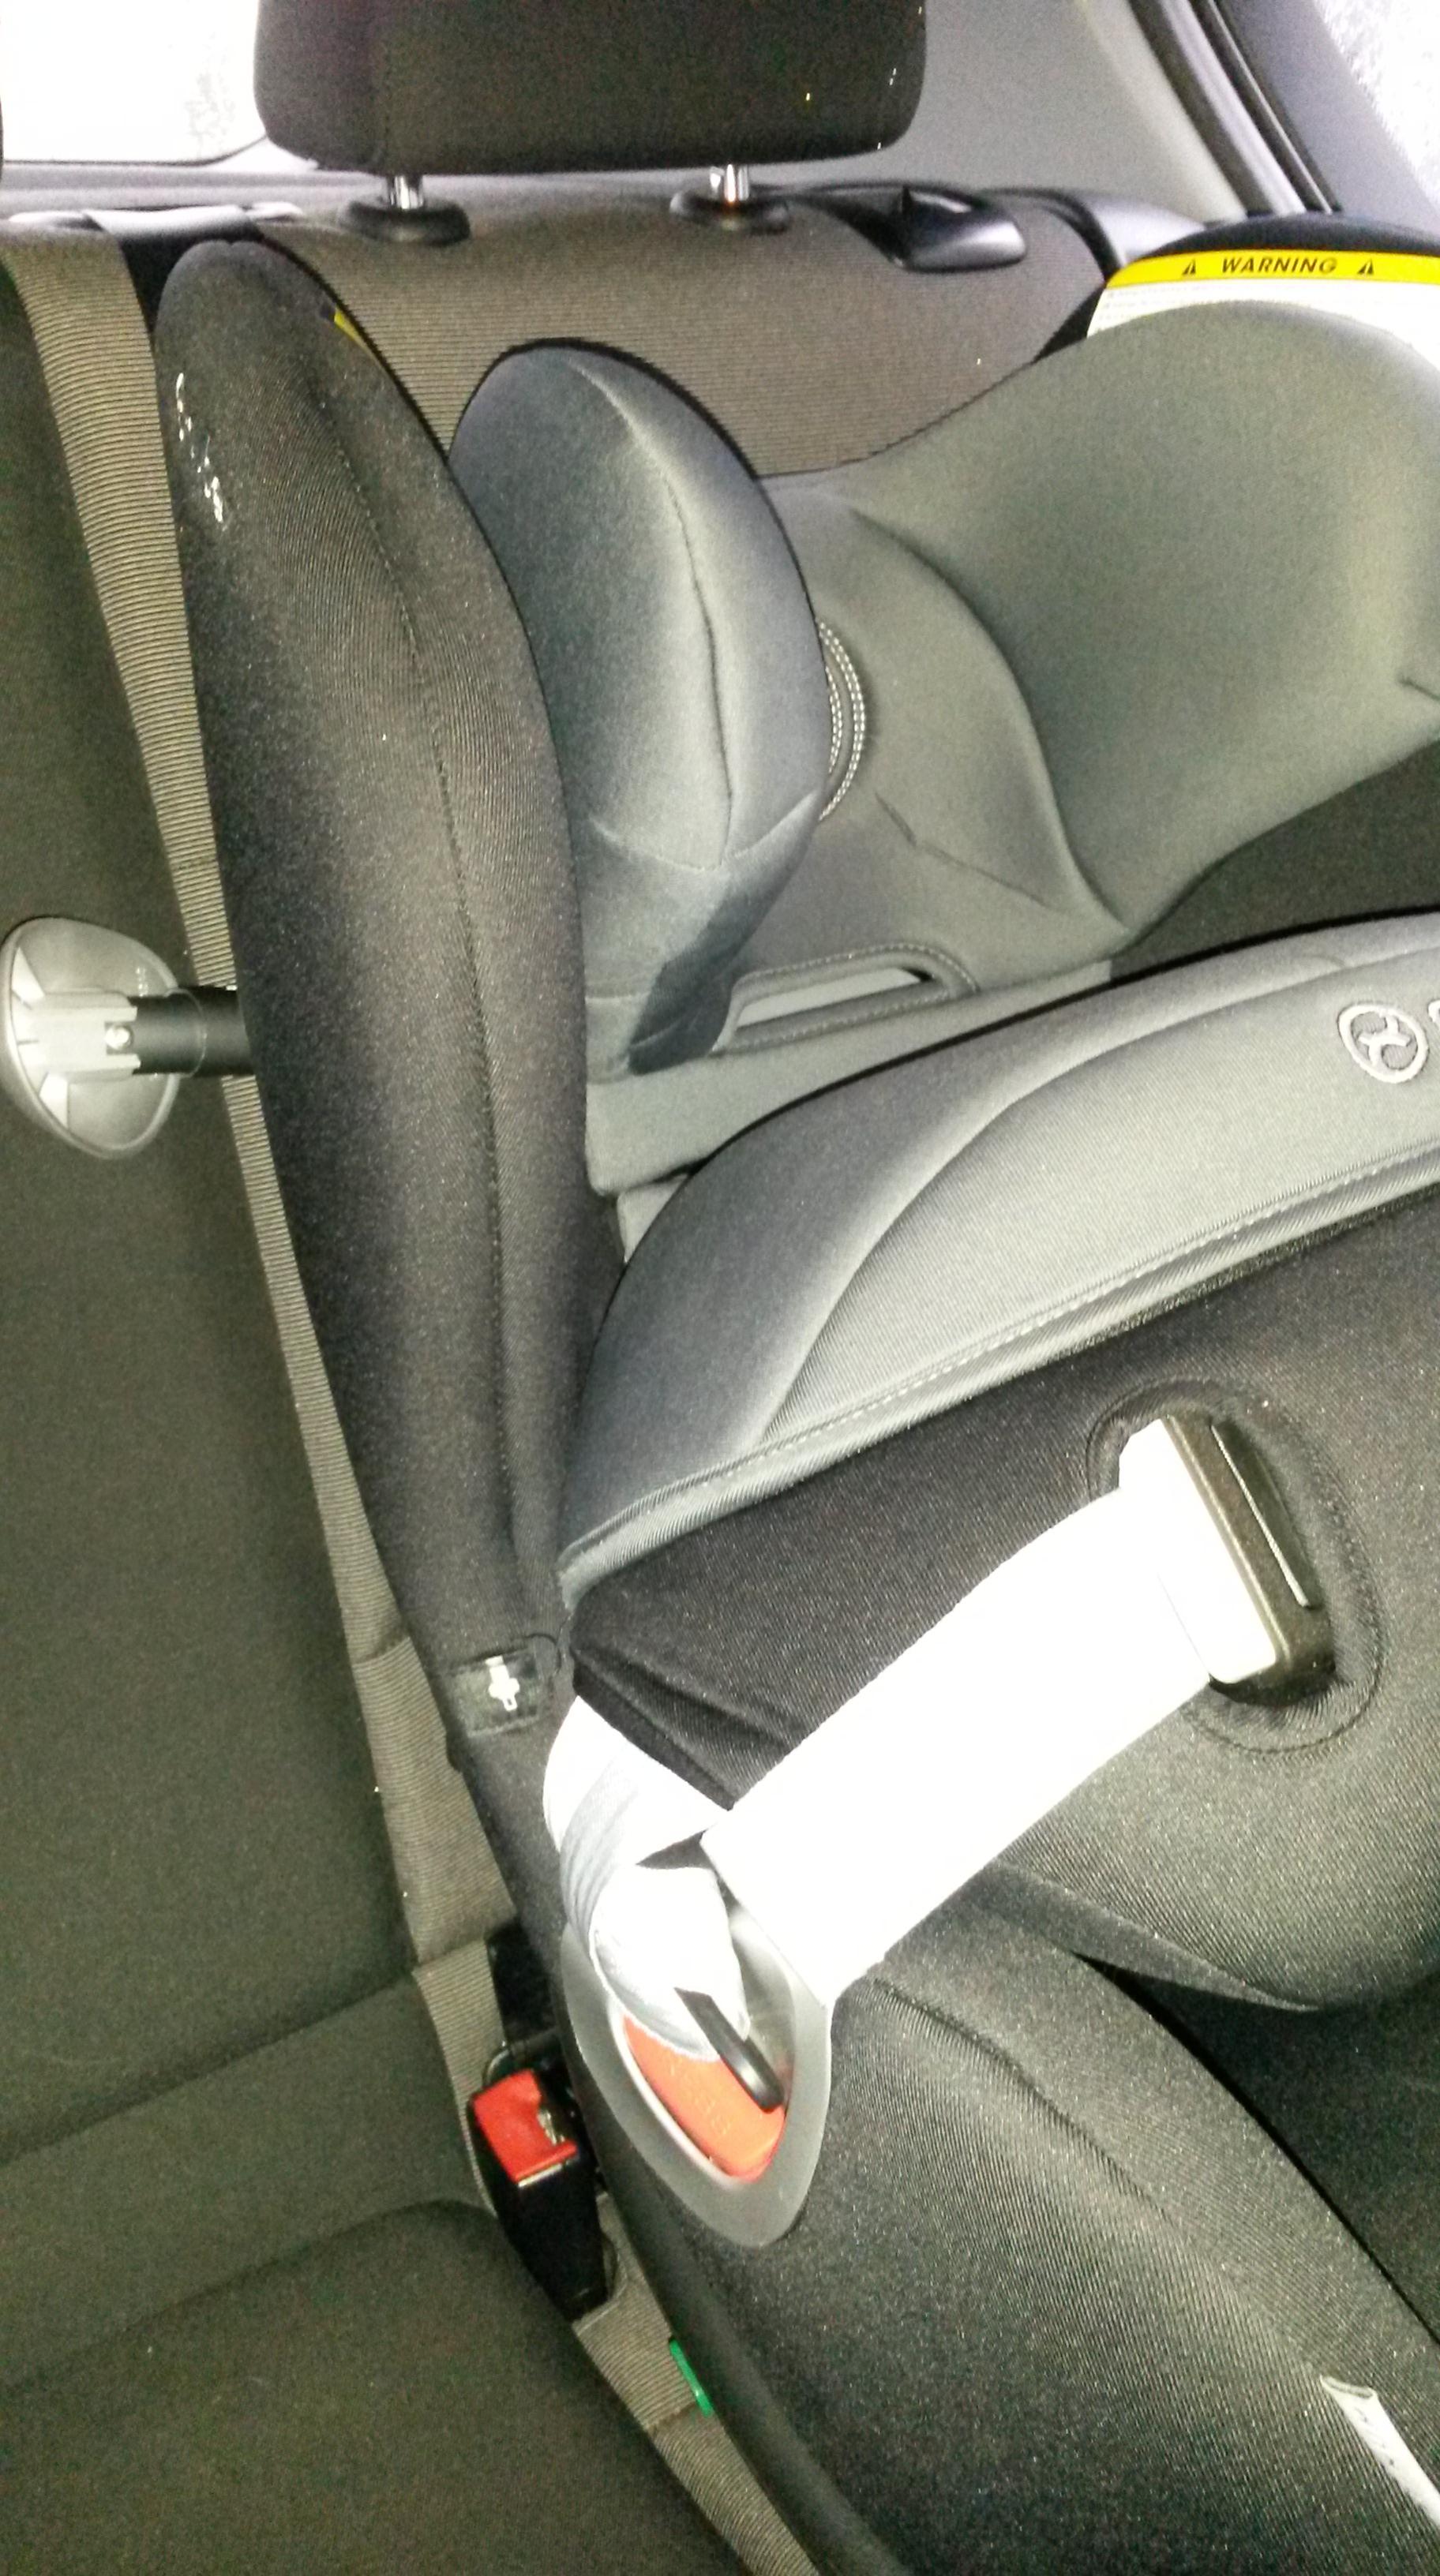 premier siège auto de sécurité face à l'installation de stratifié